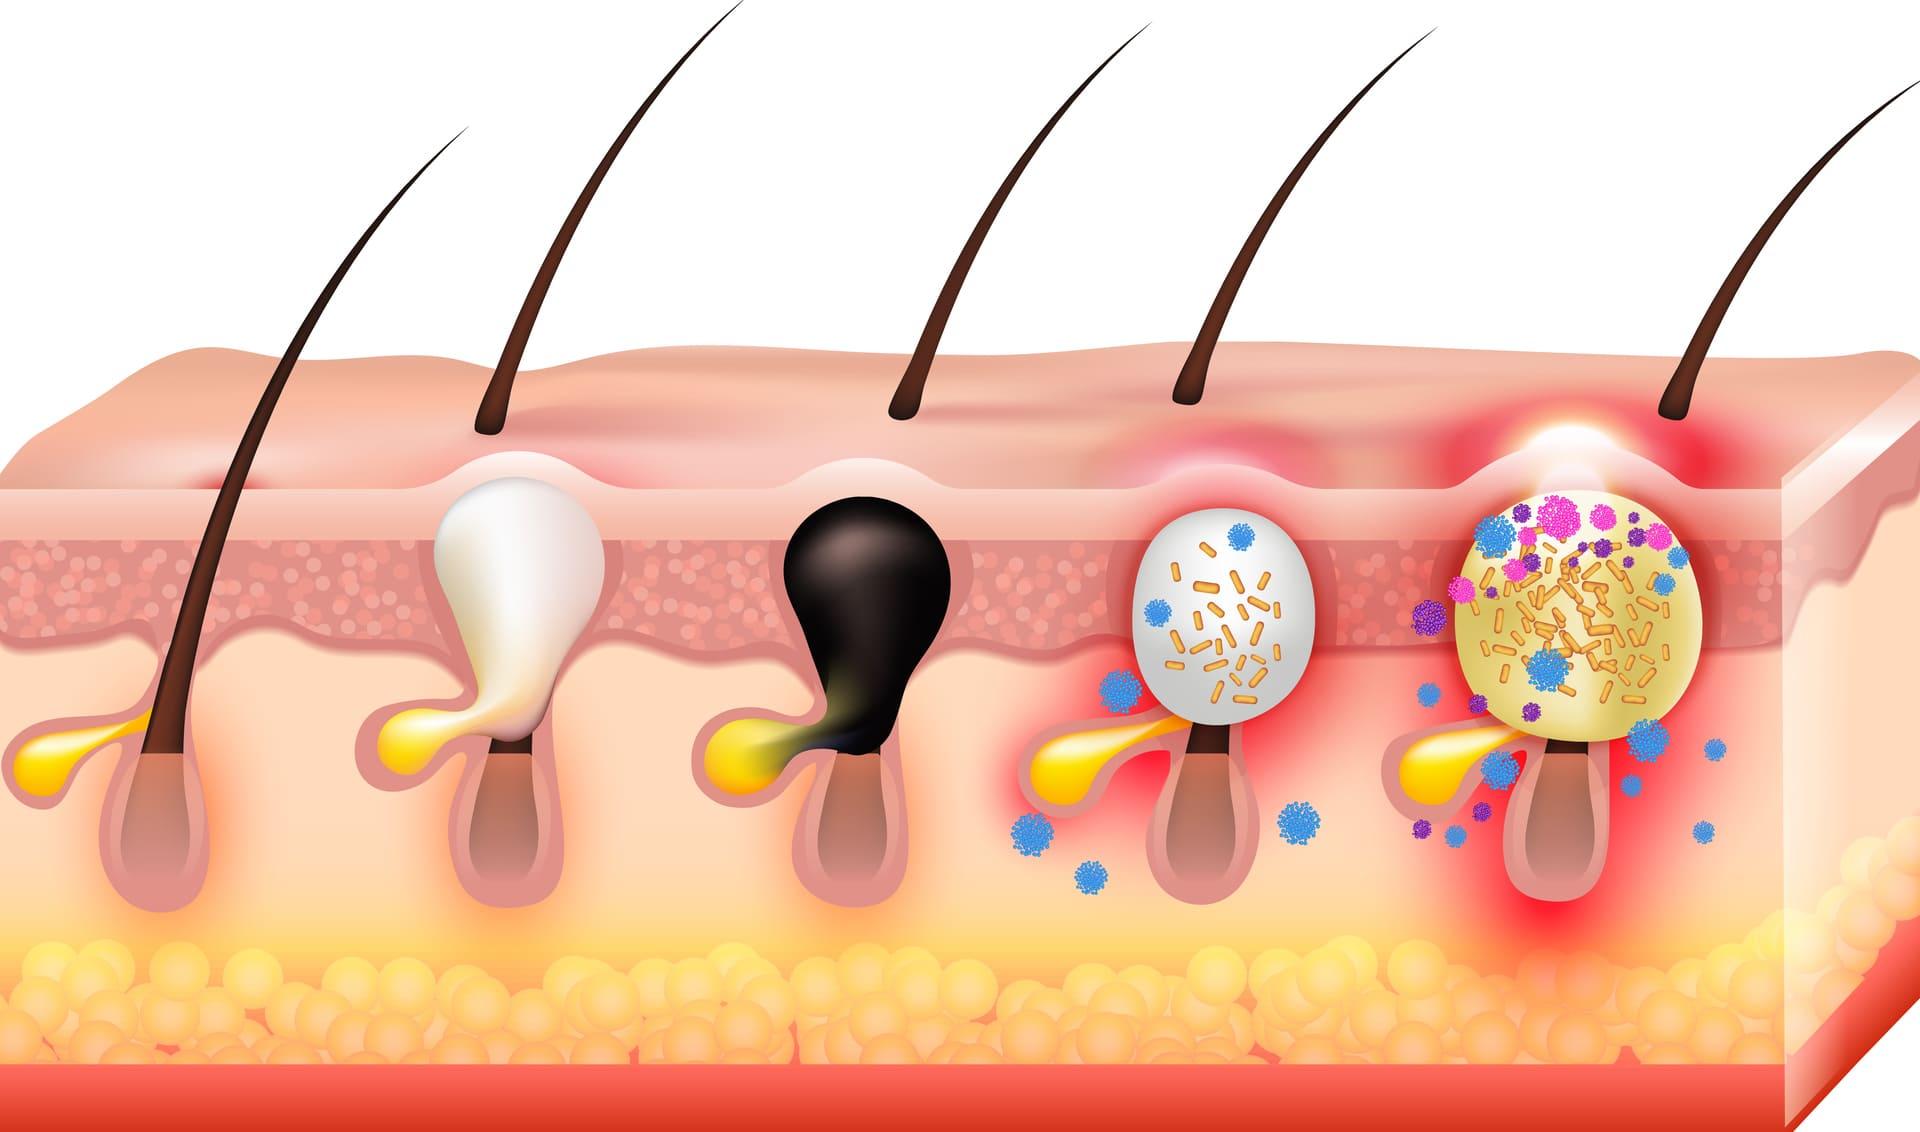 Come si manifesta l'acne giovanile